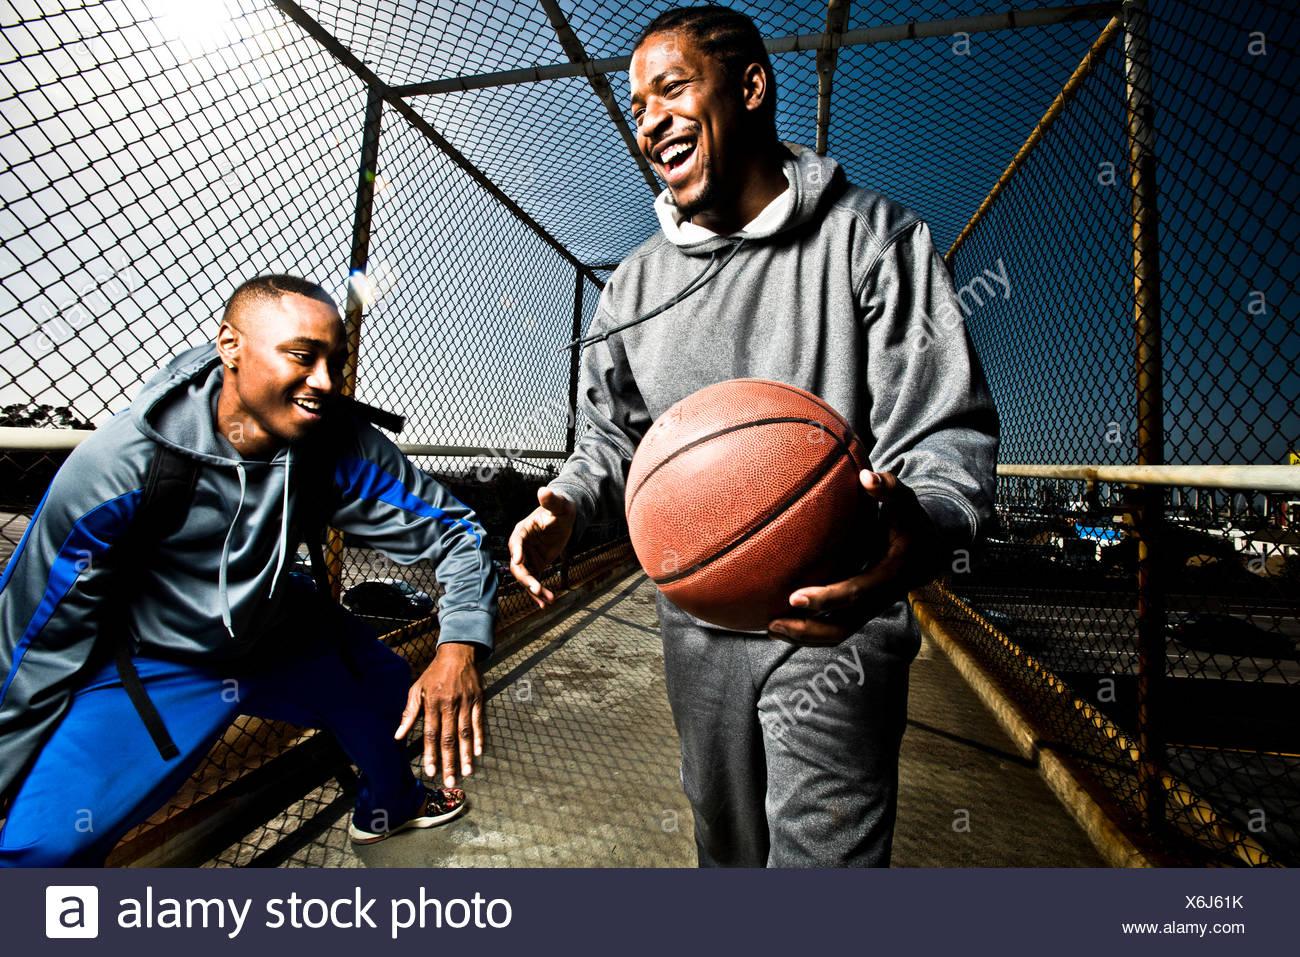 Dos amigos jugaban con una pelota de baloncesto Imagen De Stock